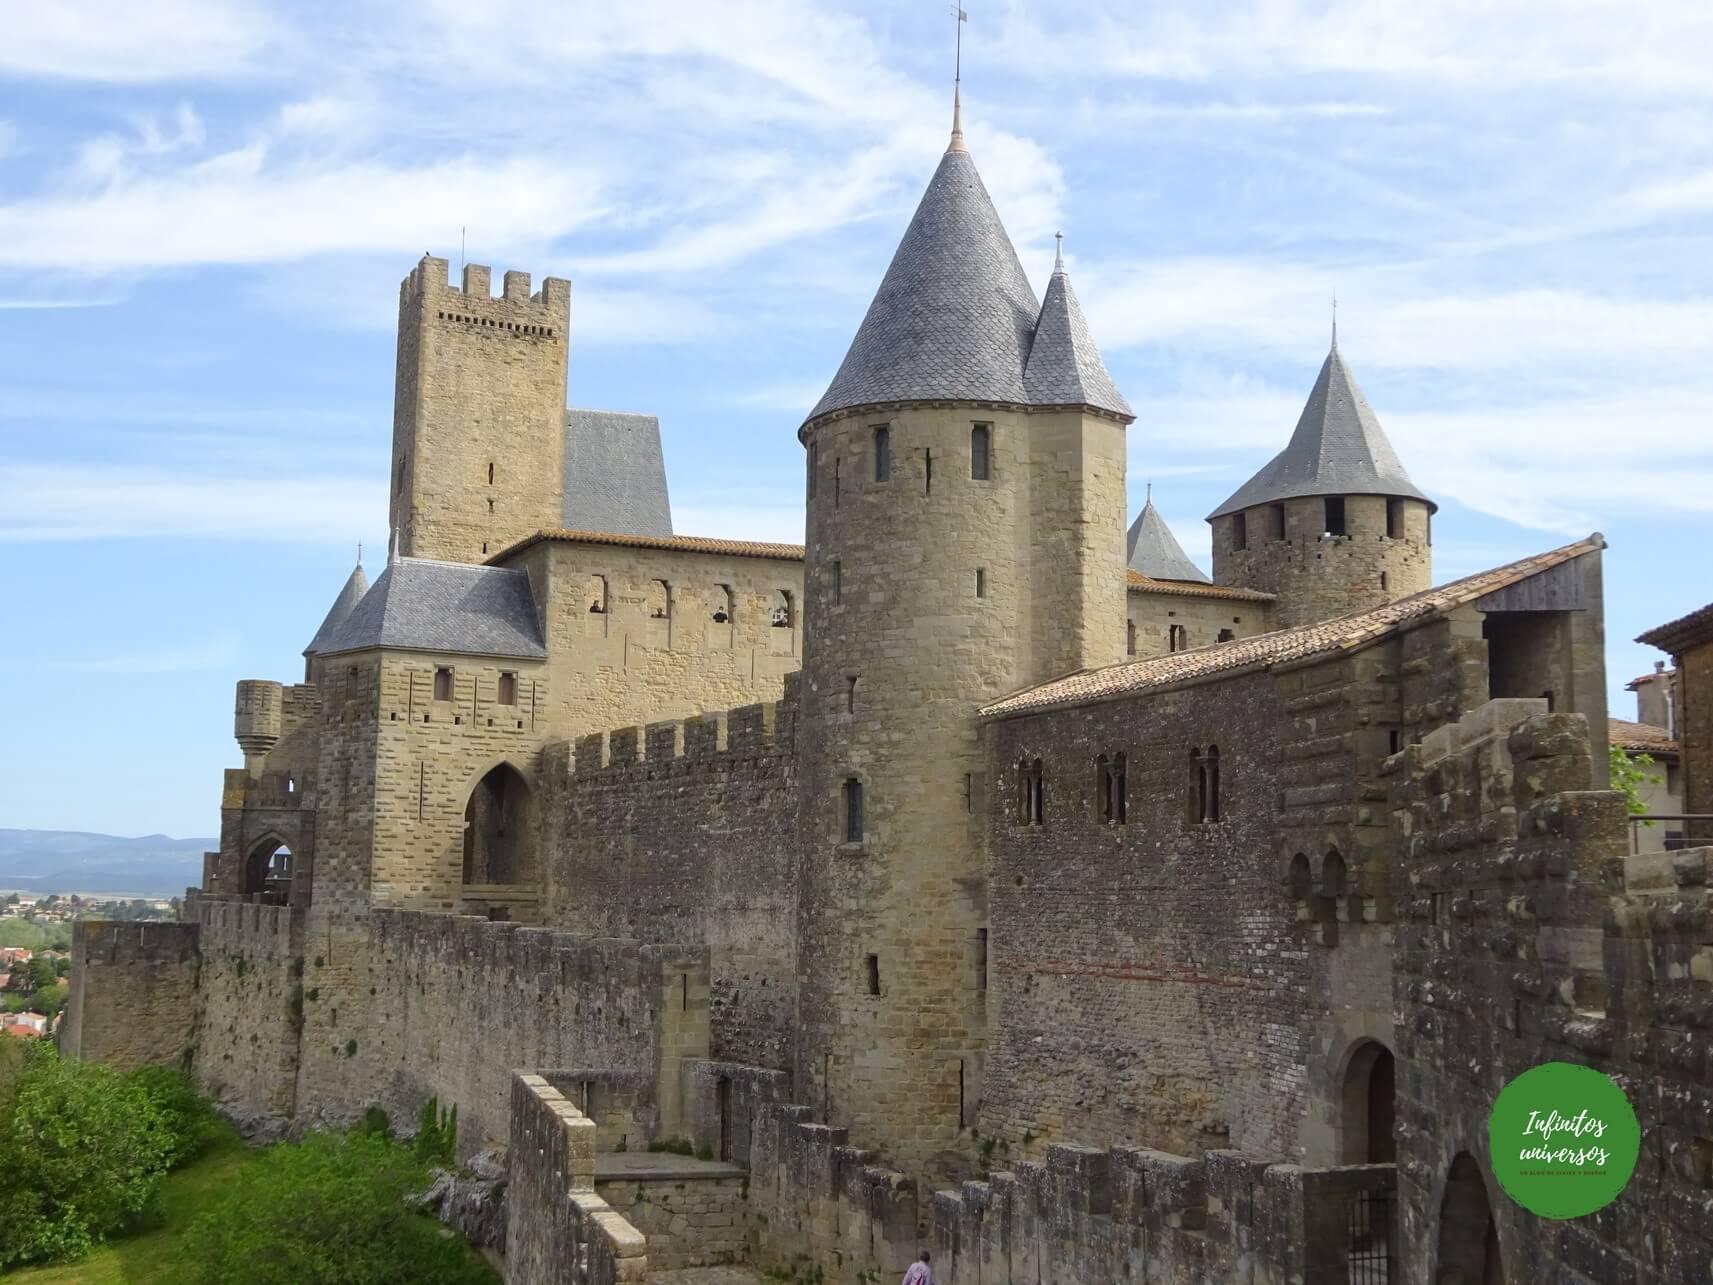 Qué ver en Carcassonne pais cataro